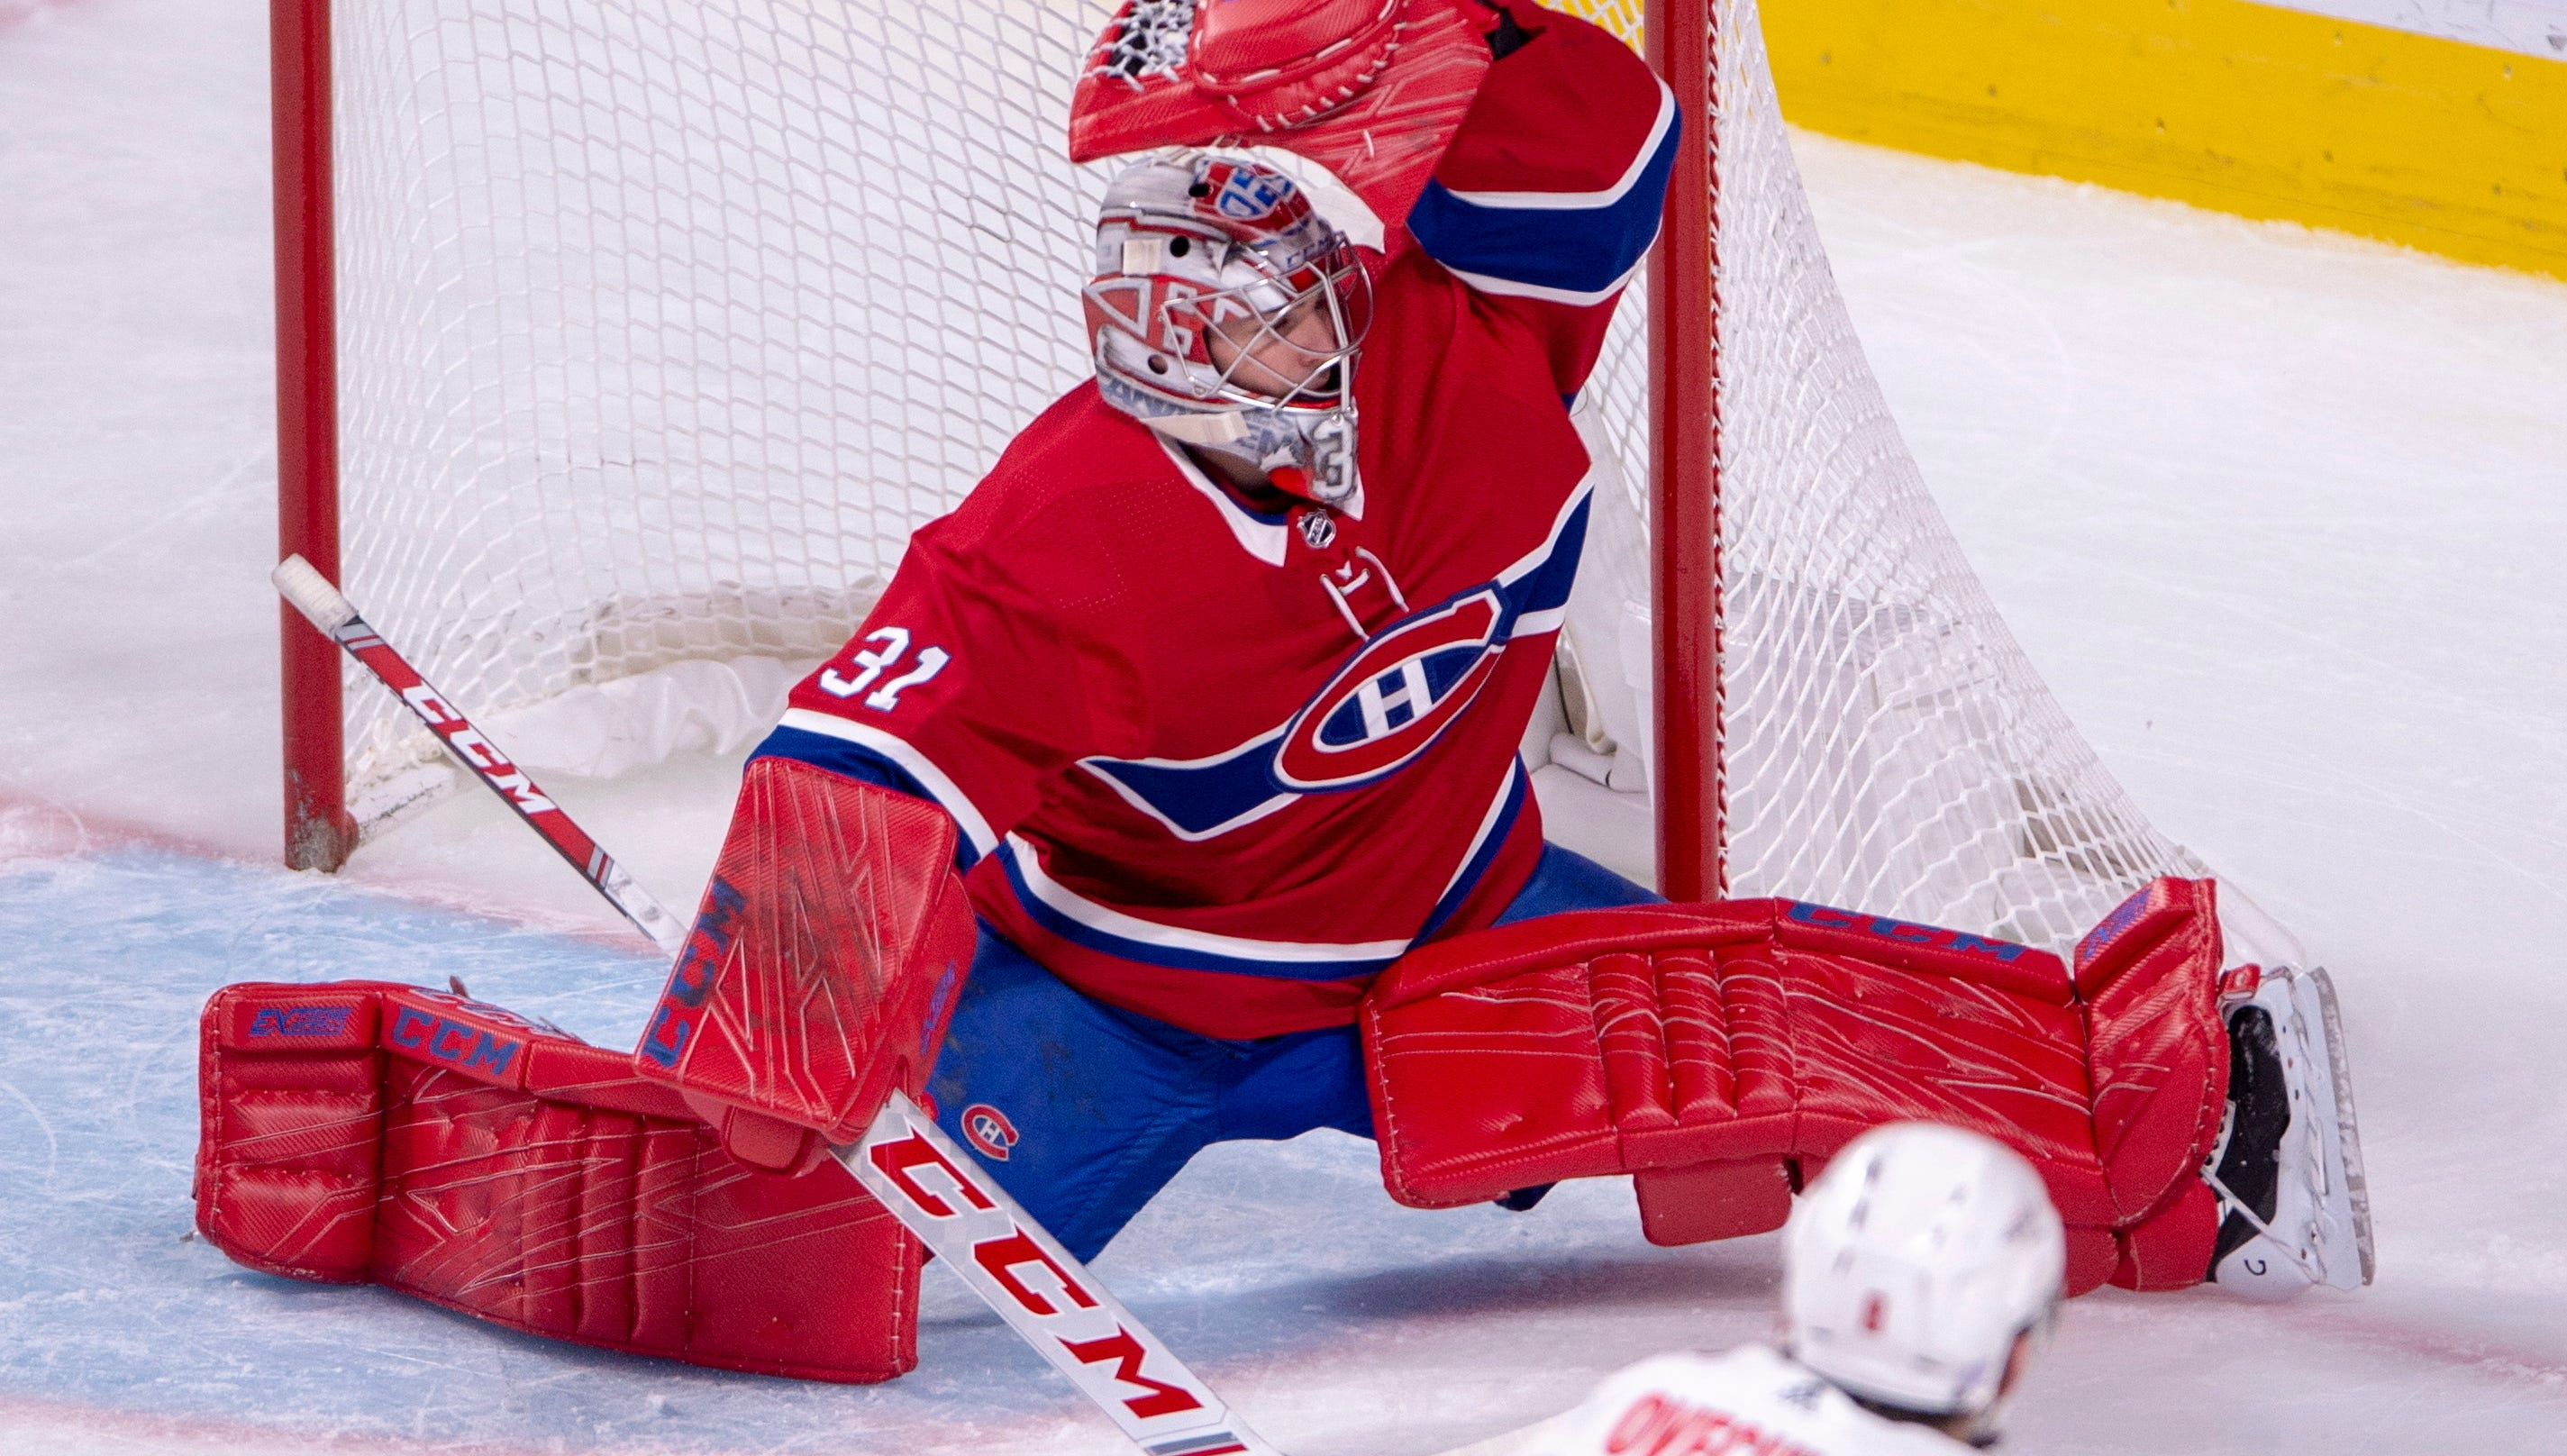 Fc8633f7-7950-4f9a-ae33-198f4bb2ab86-ap_capitals_canadiens_hockey